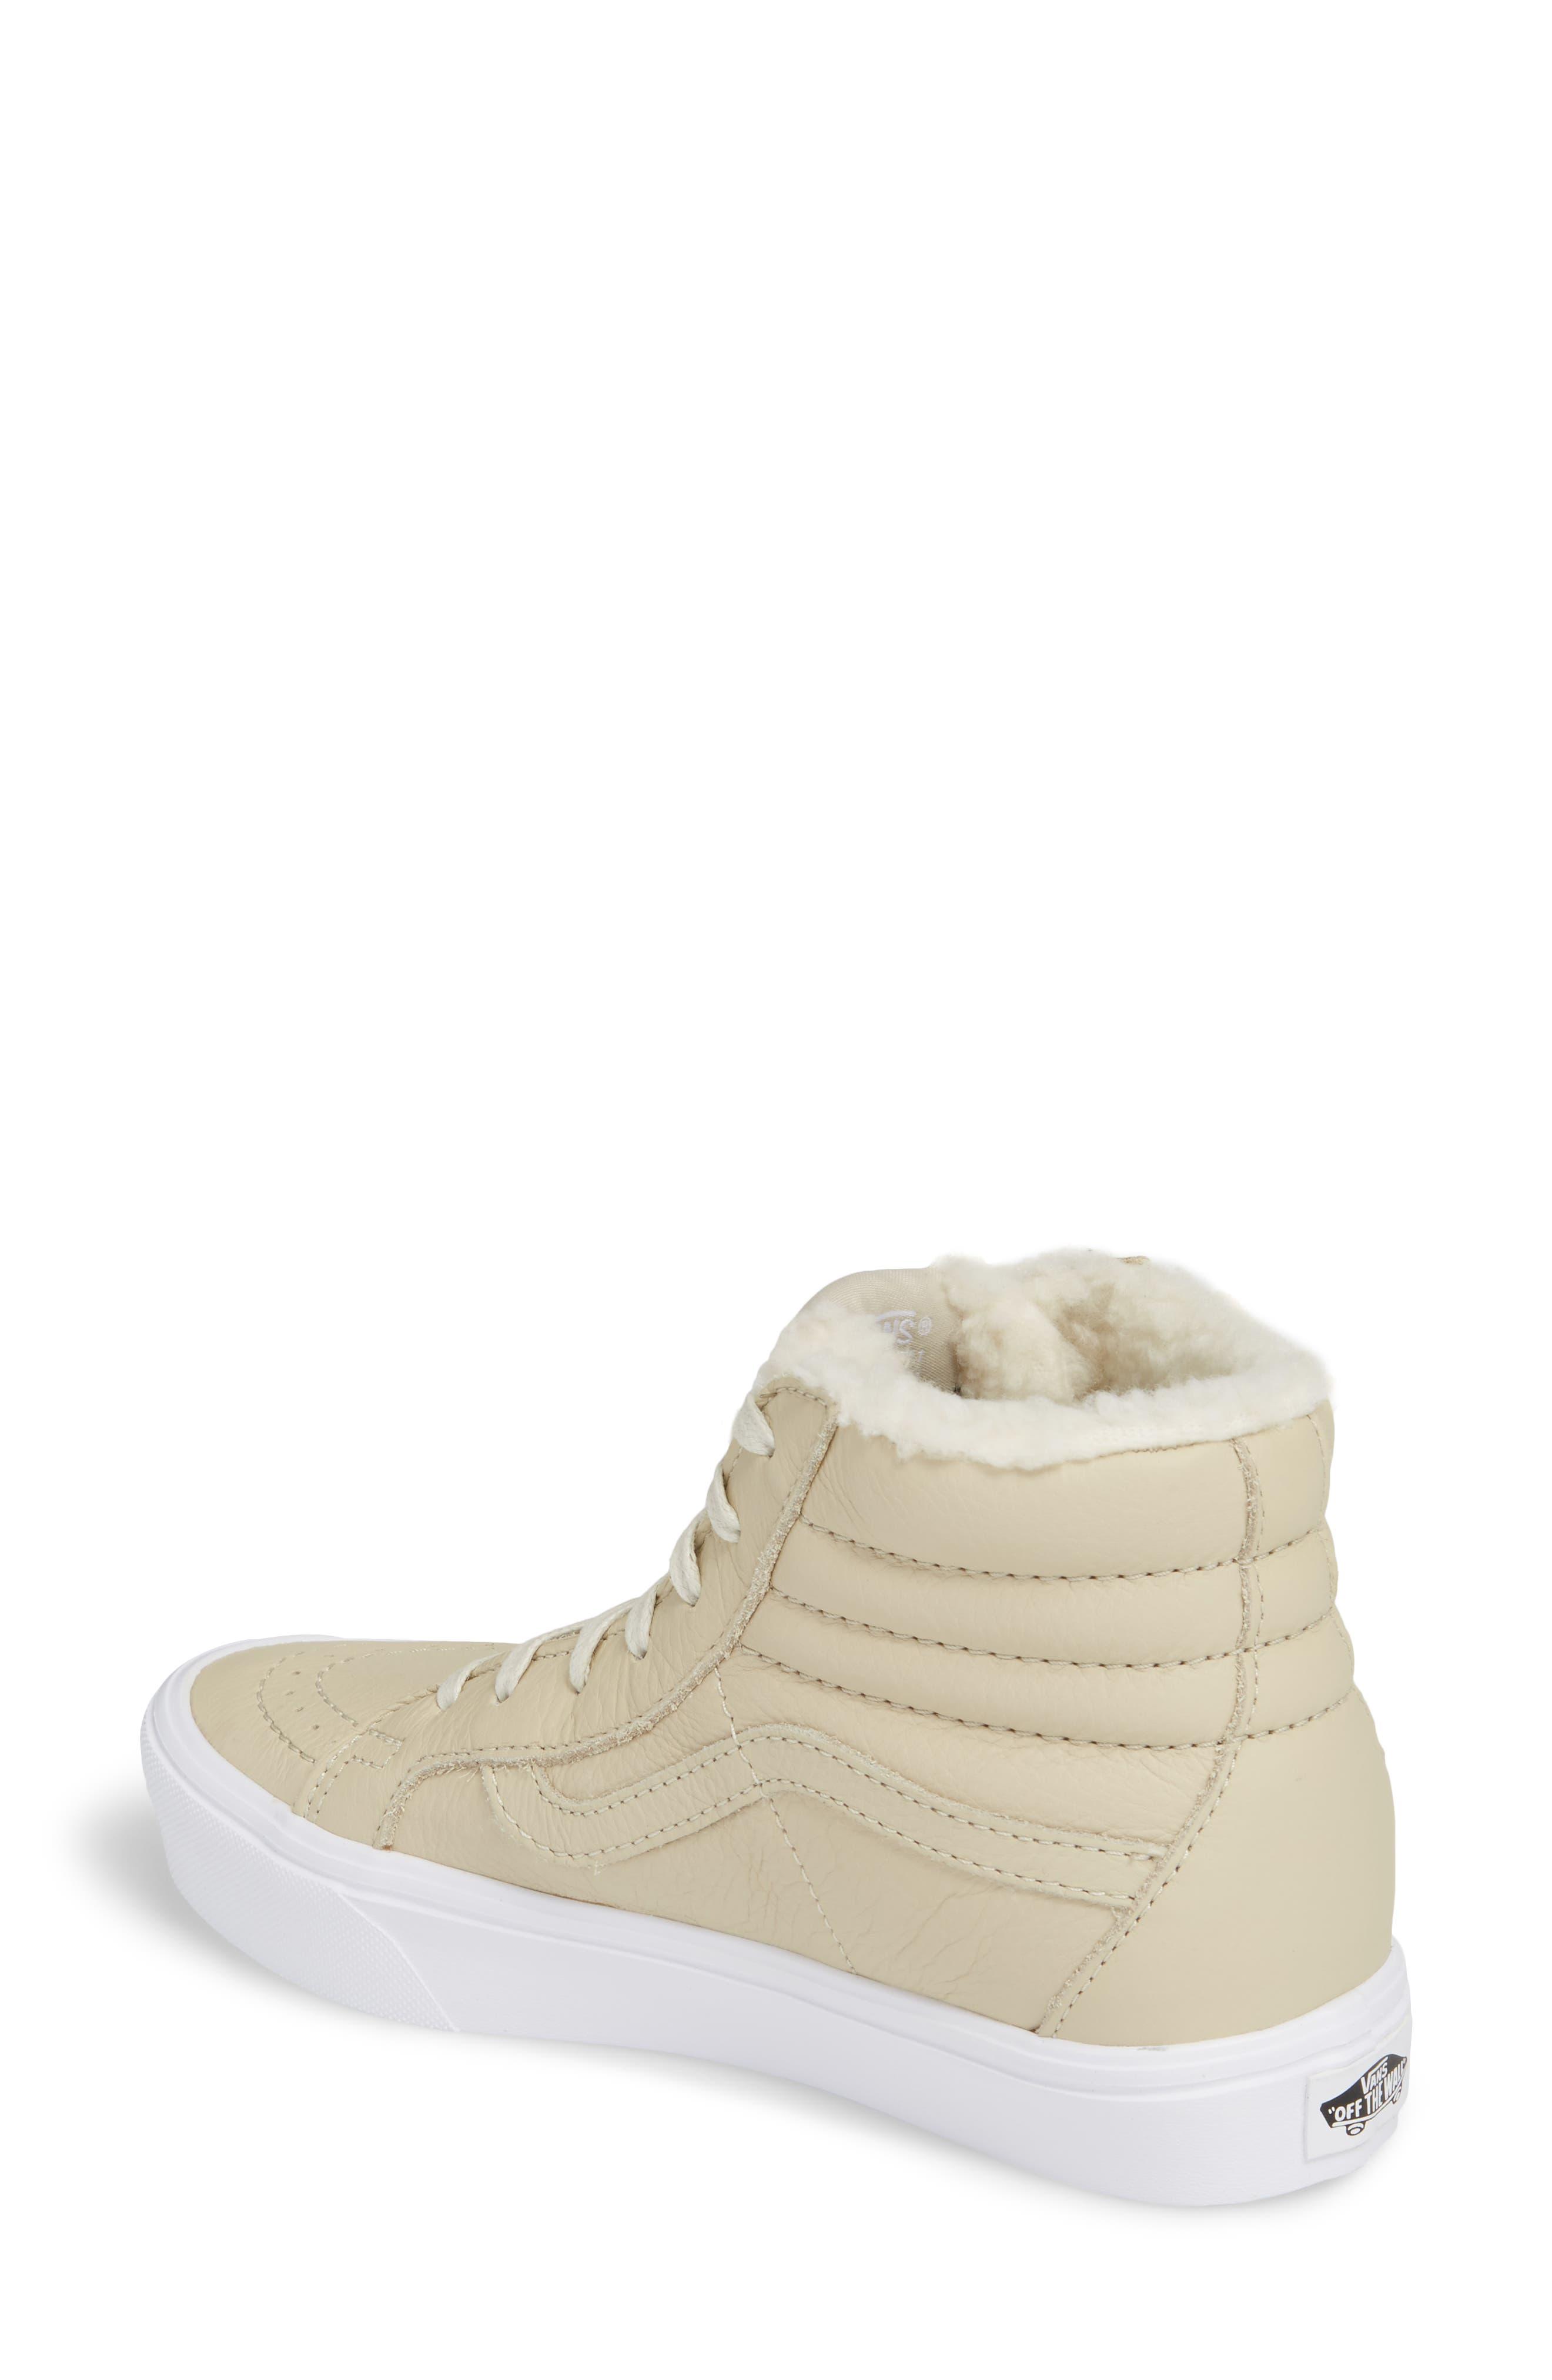 Sk8-Hi Reissue Lite High Top Sneaker,                             Alternate thumbnail 2, color,                             Cement/ True White